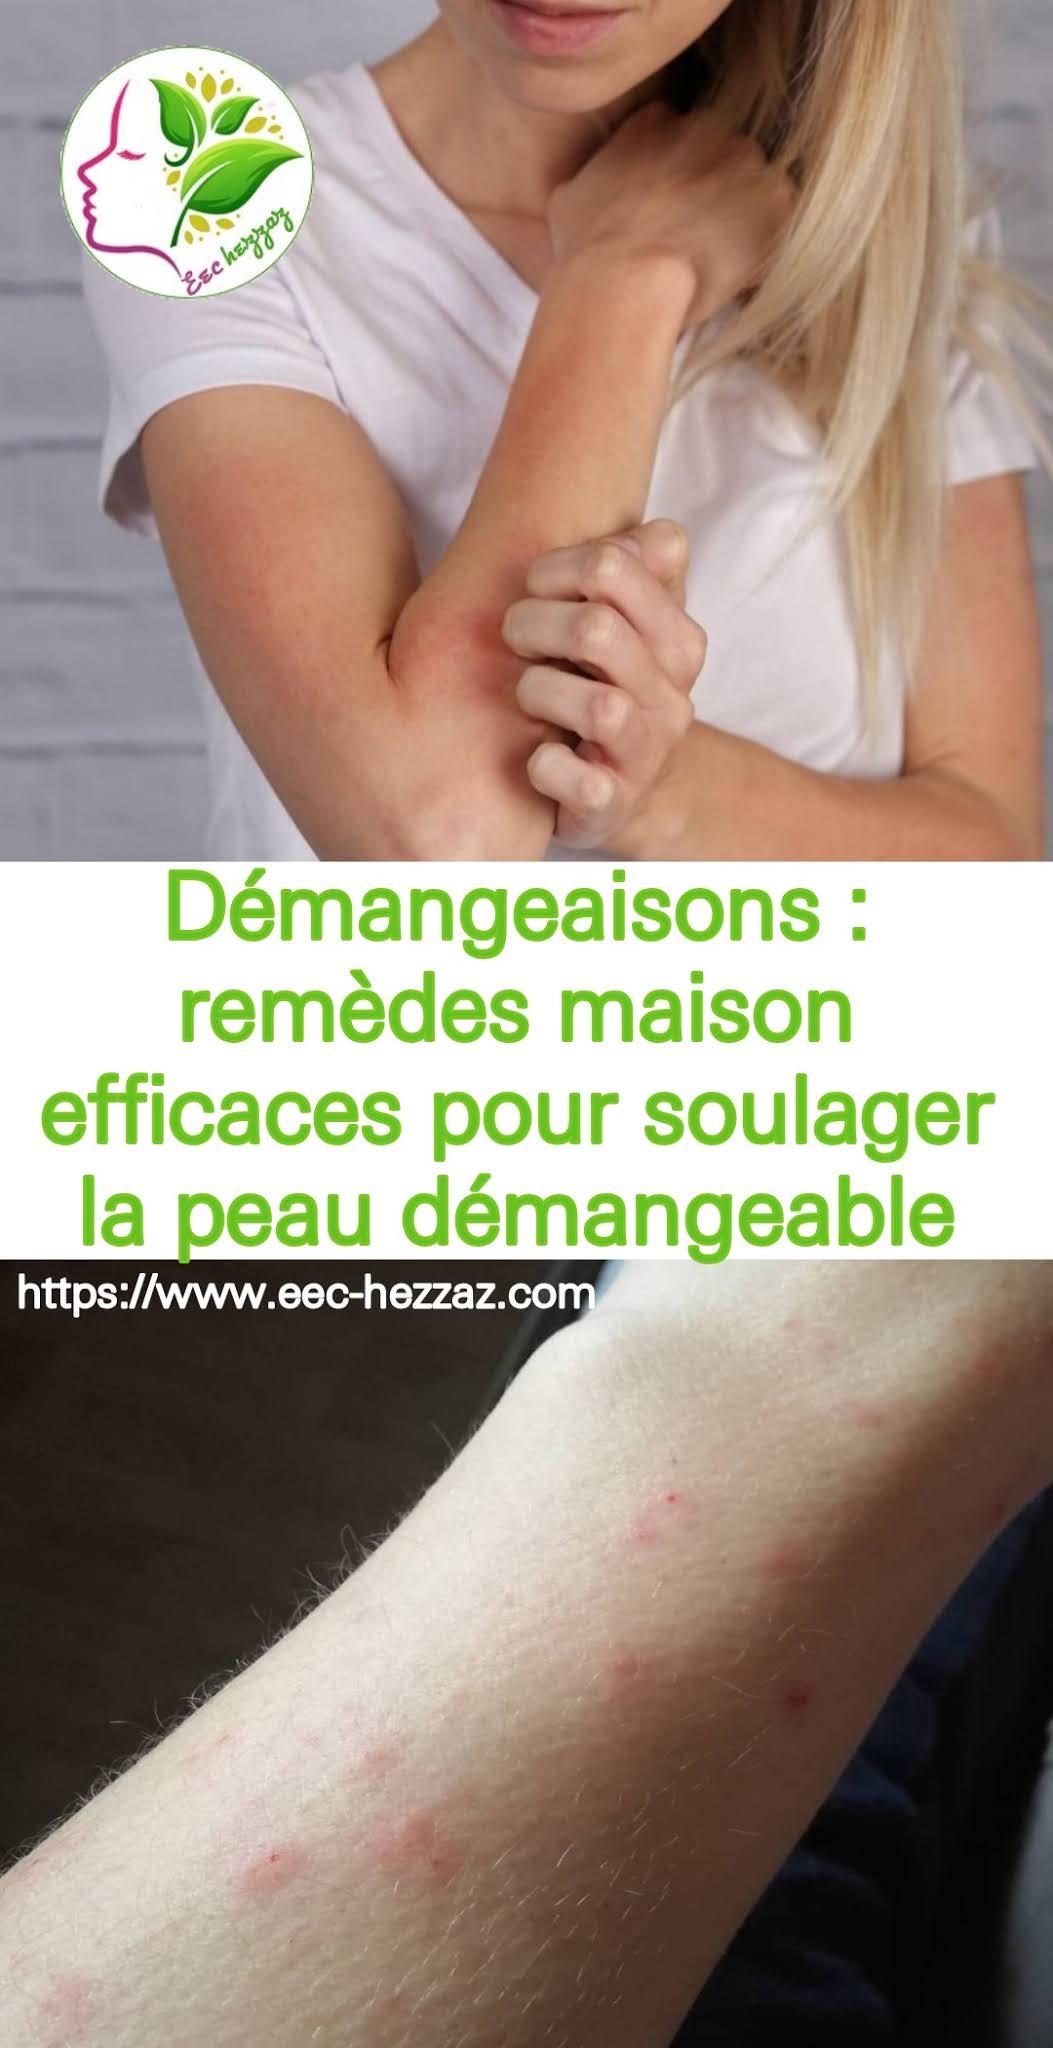 Démangeaisons : remèdes maison efficaces pour soulager la peau démangeable